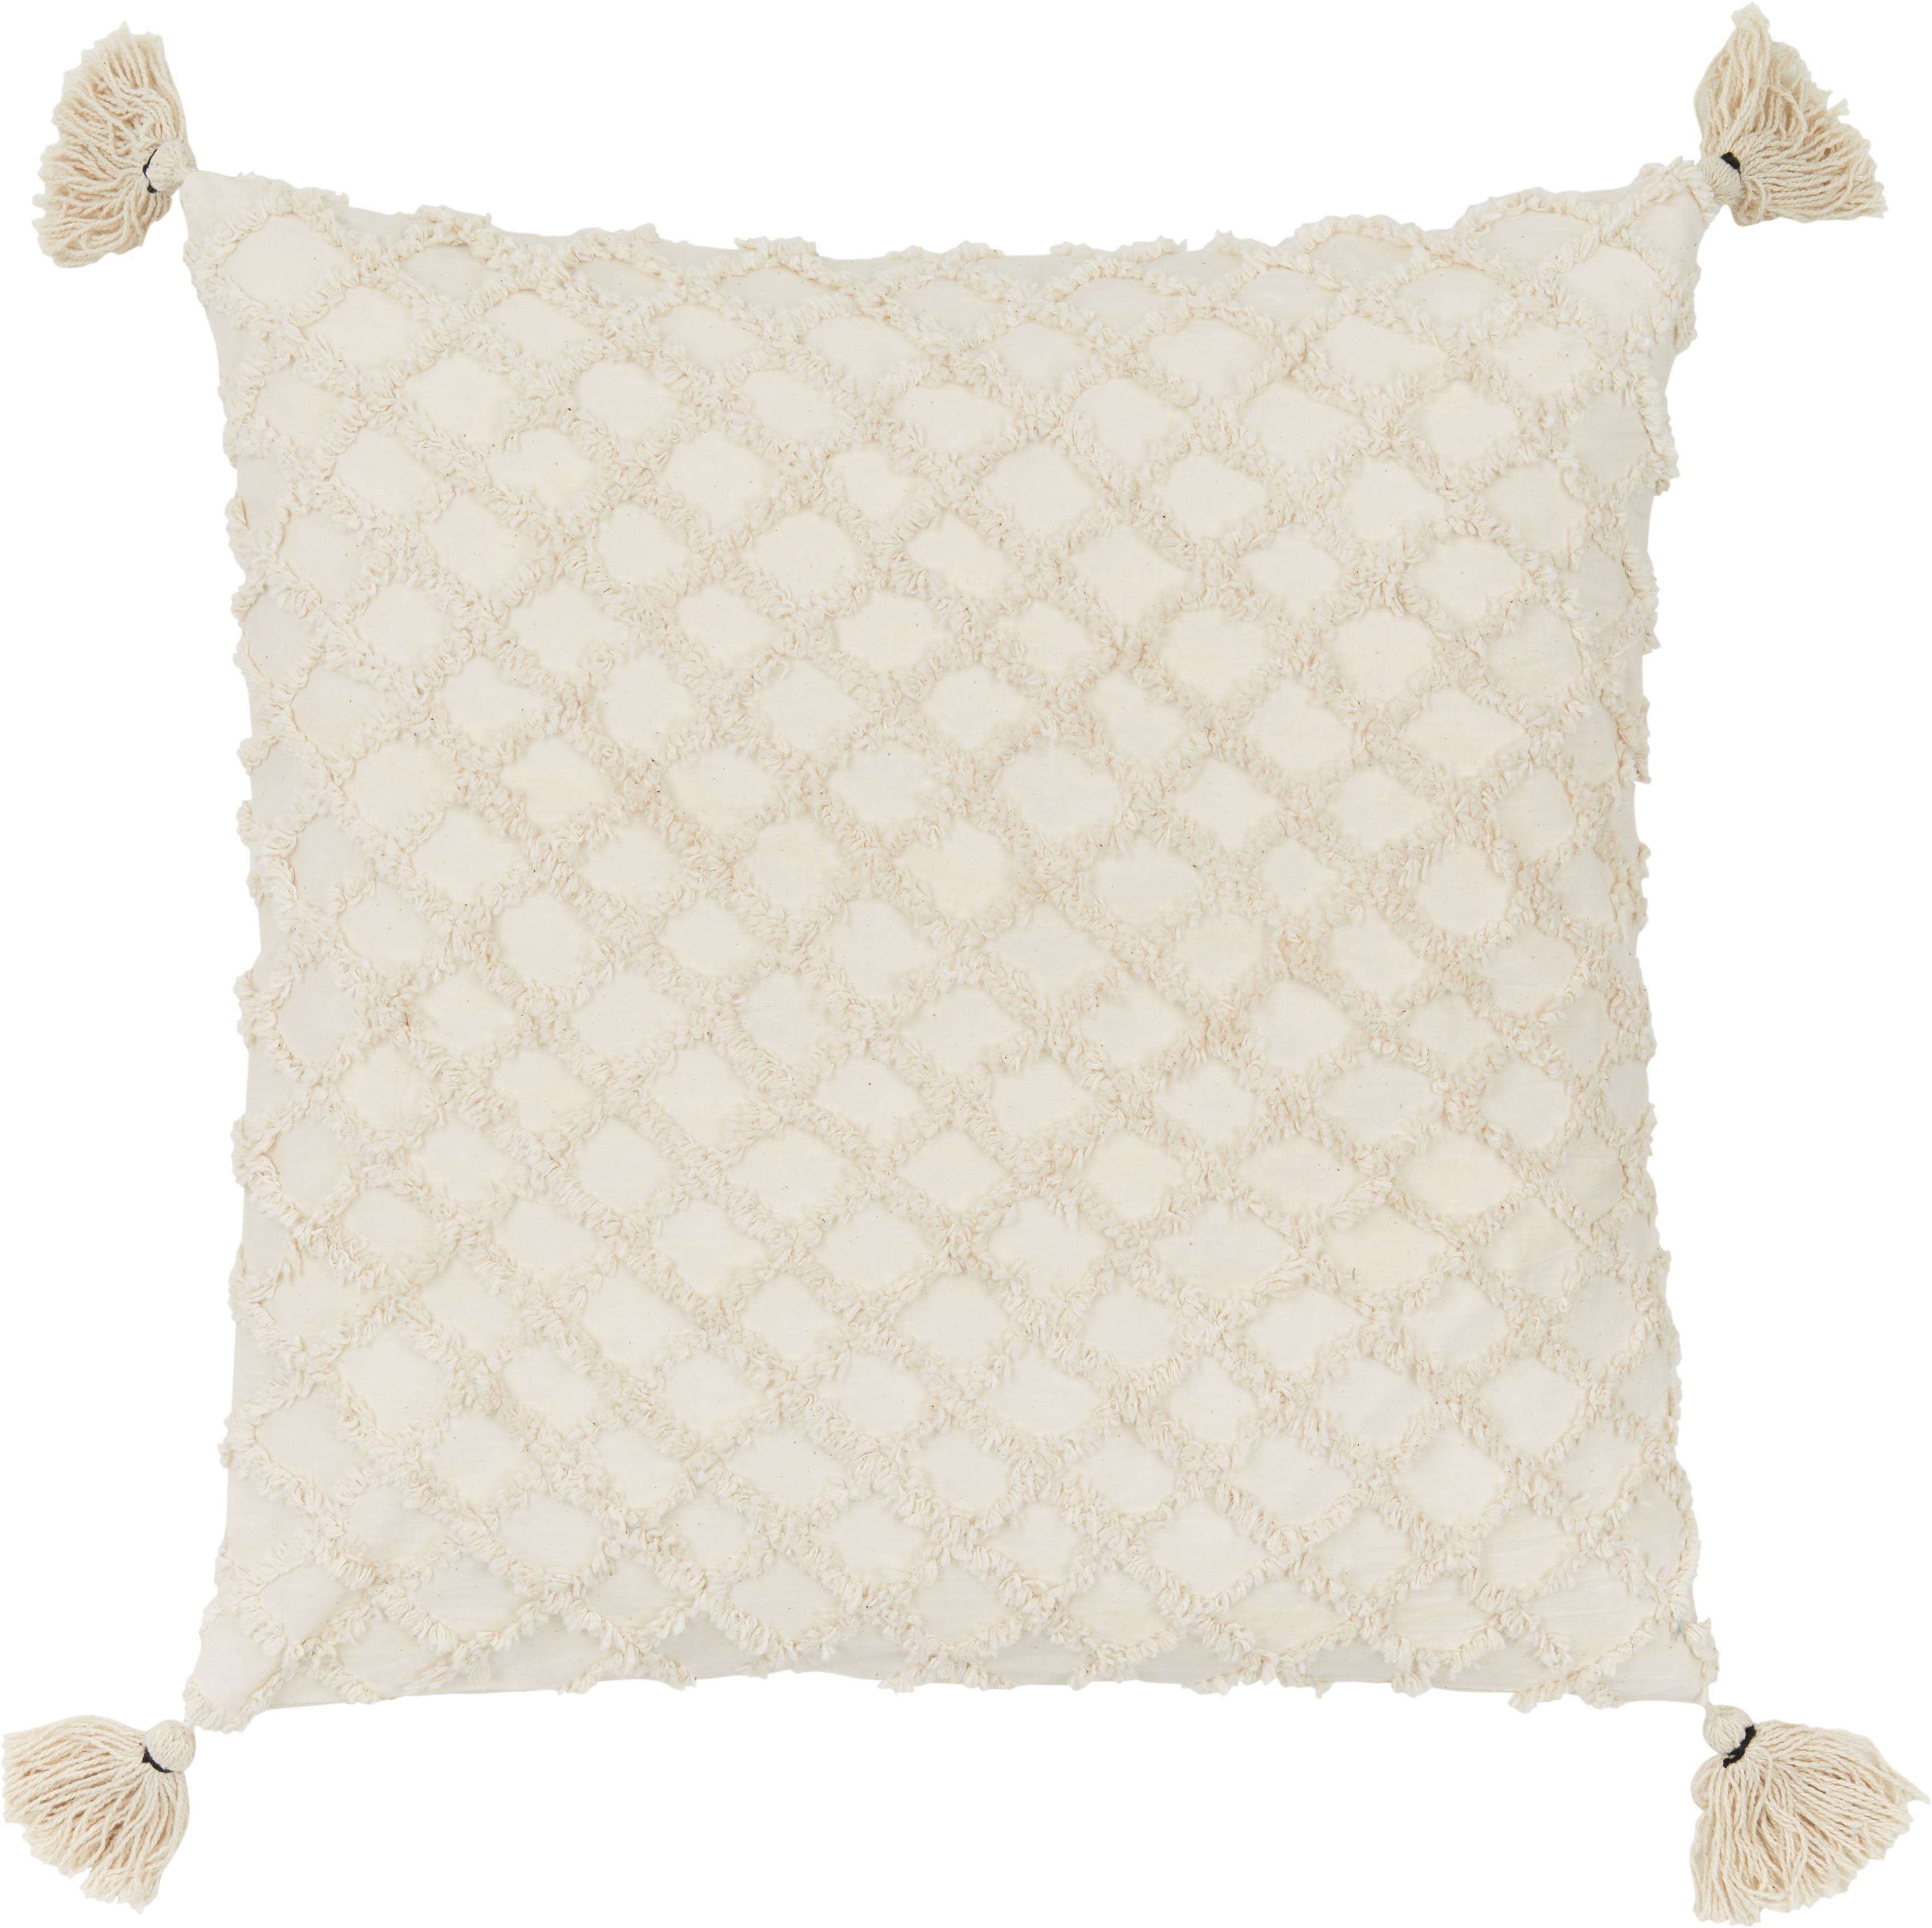 Kissenhülle Royal mit Hoch-Tief-Muster, 100% Baumwolle, Gebrochenes Weiß, 45 x 45 cm